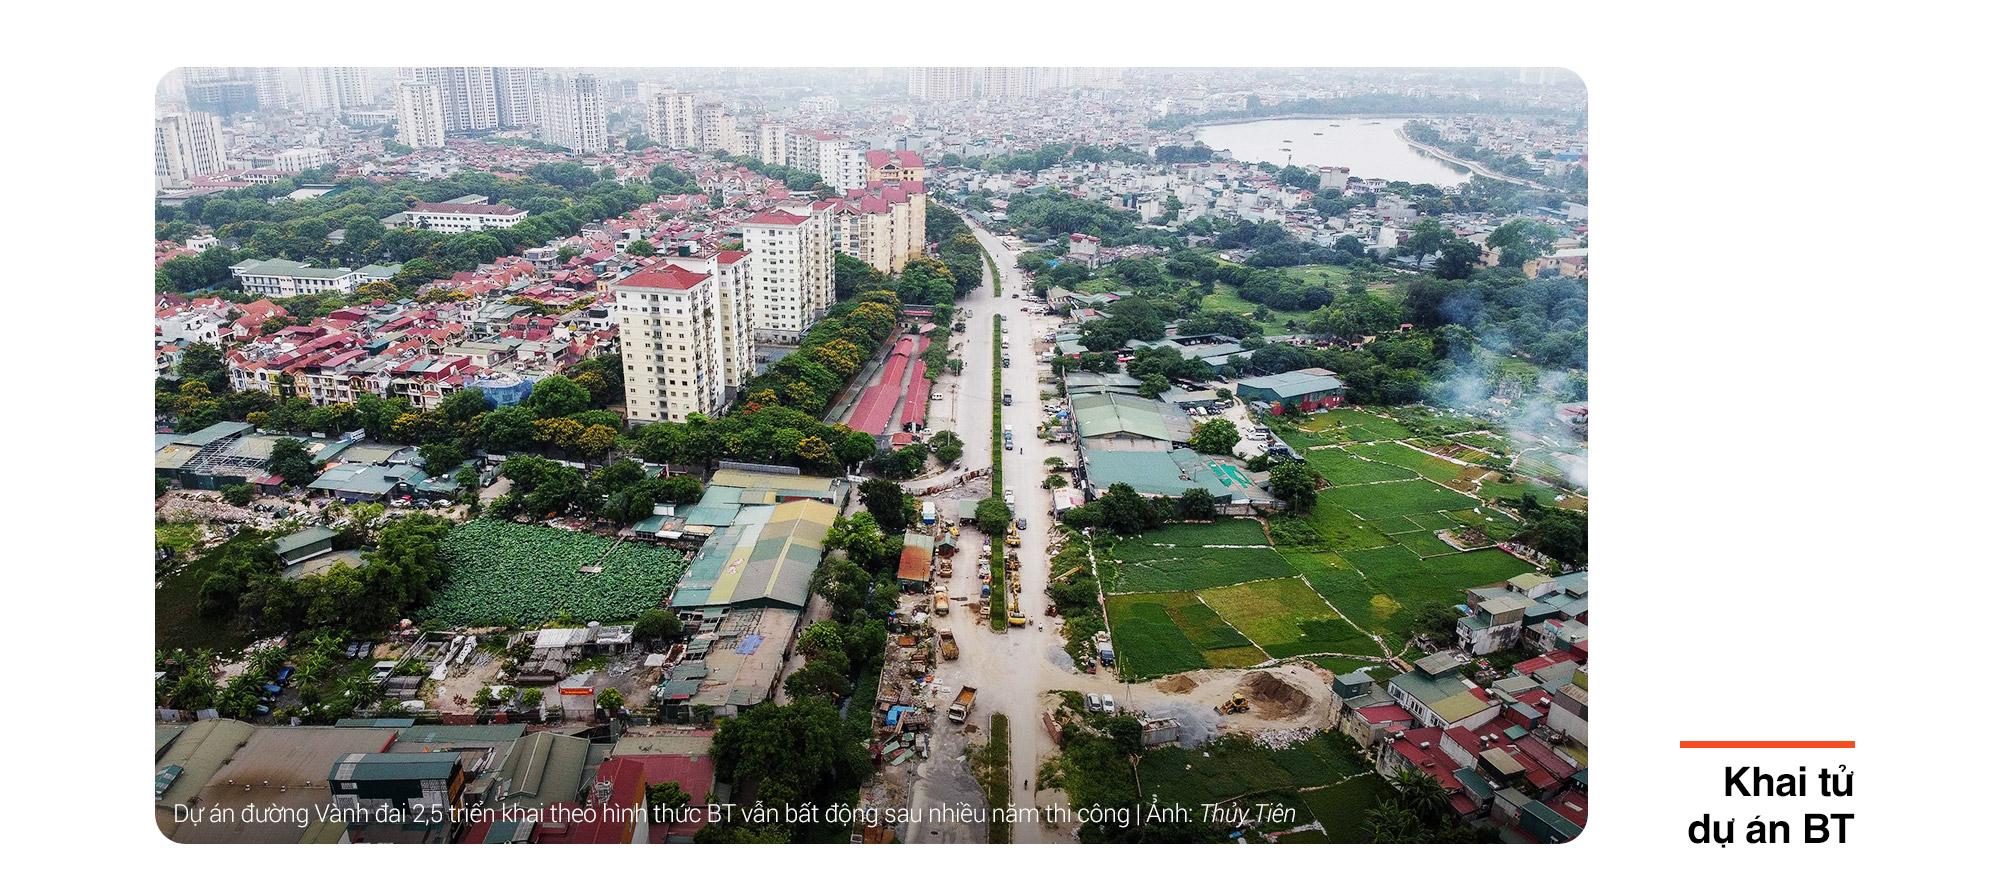 Năm bùng nổ đại dự án hạ tầng và quy hoạch đặc biệt 'thành phố trong thành phố' - Ảnh 3.